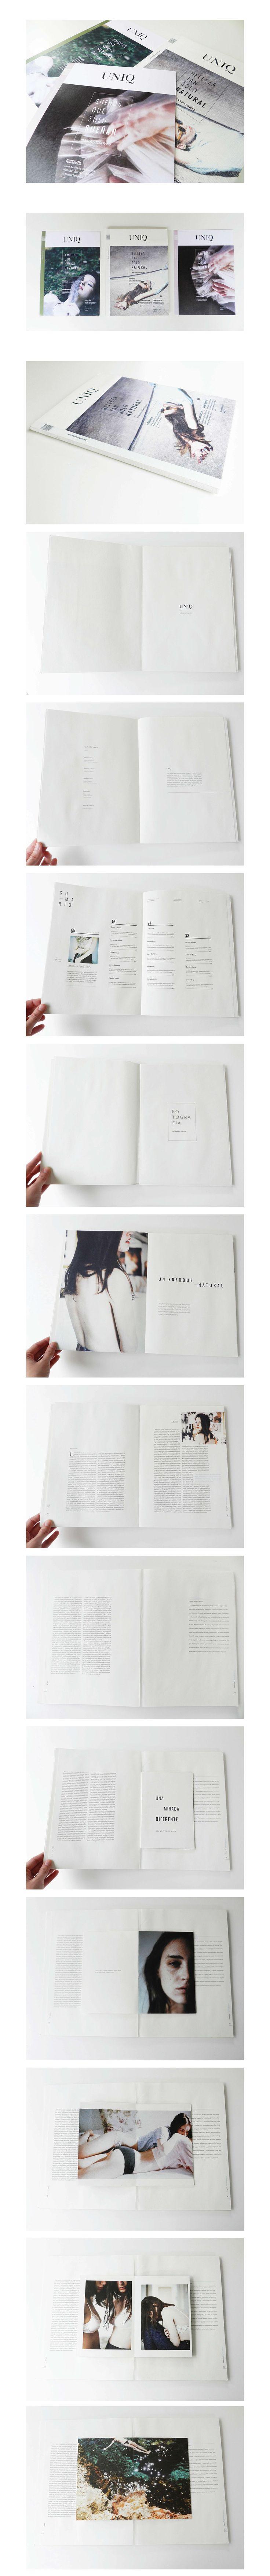 Trabajo final para Tipografía II Cosgaya 2014 Uniq una Revista de Arte y Fotografía / Uniq is a magazine based on art & vintage photography